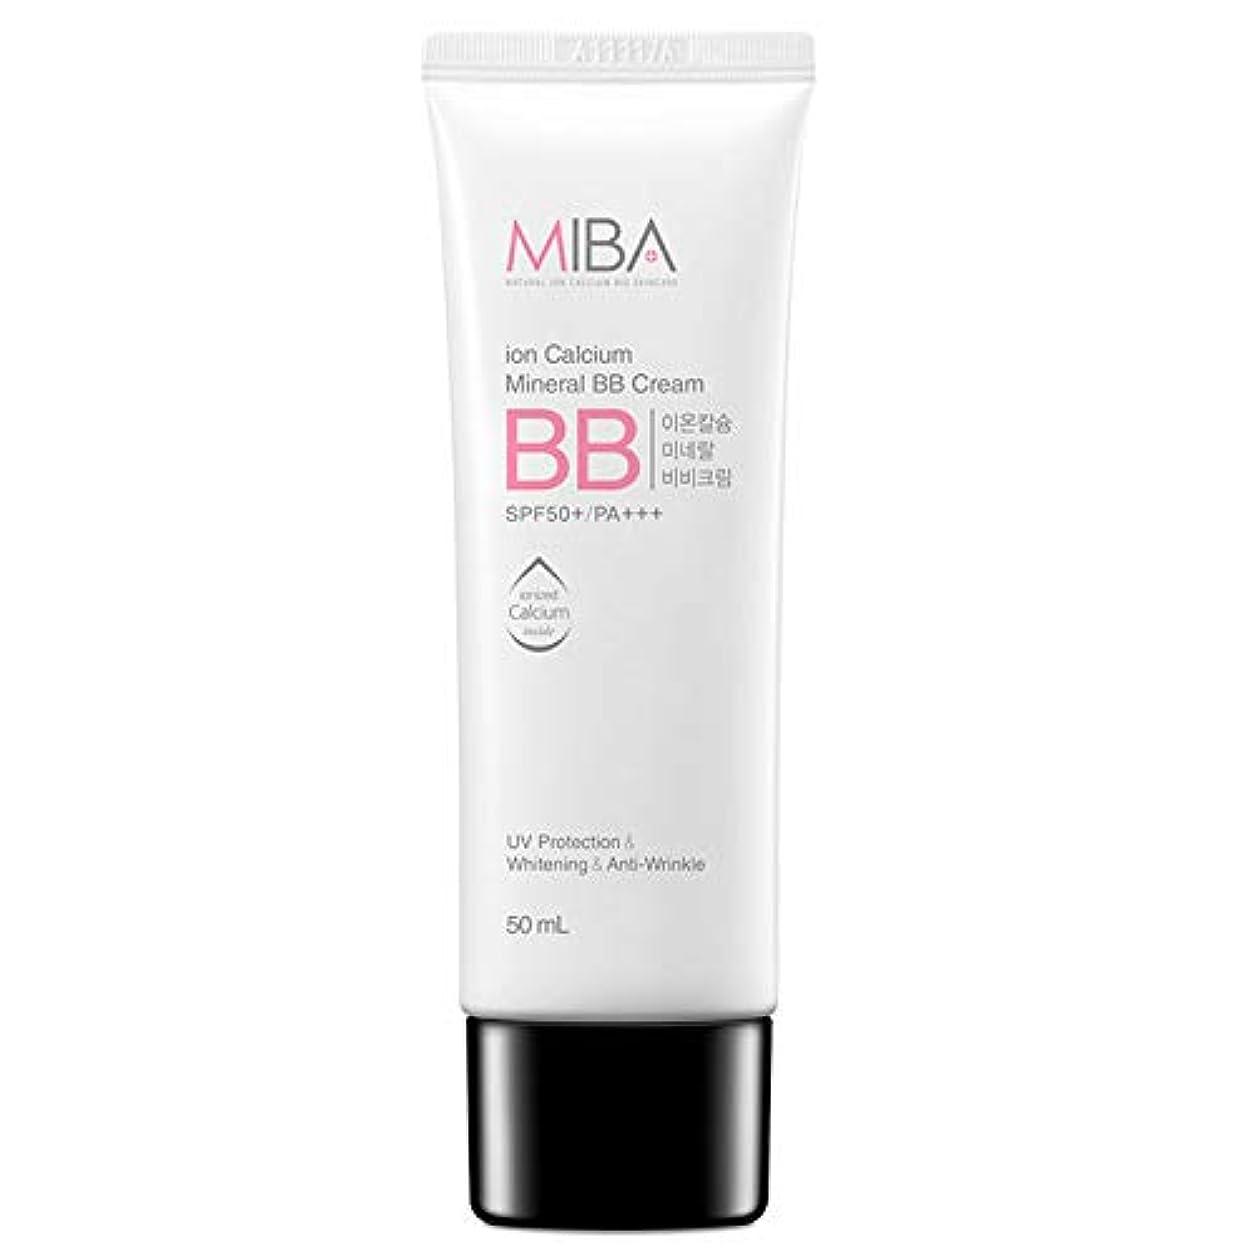 引っ張る転送道徳教育スキンDr ミバ IC ミネラルBBクリーム SPF50+/ PA+++ / MIBA Ion Calcium Mineral BB Cream [正規品]